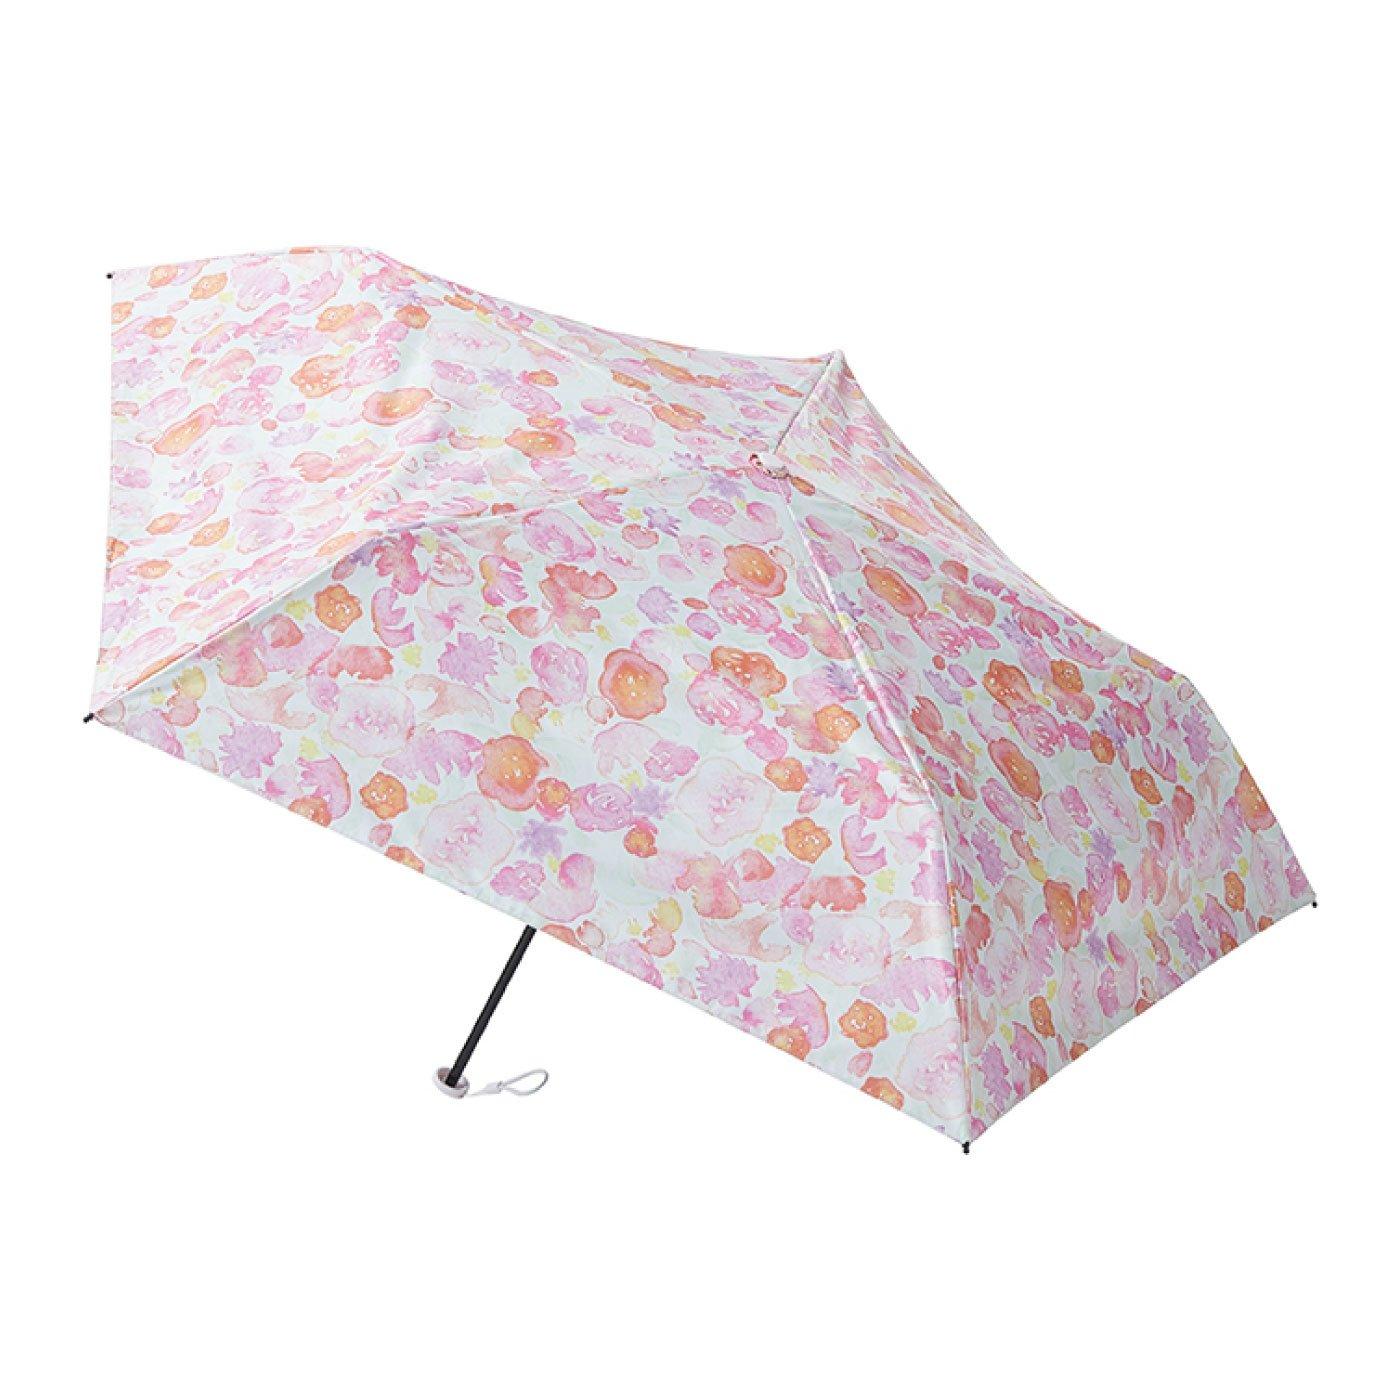 晴雨兼用 estaa / エスタ 一級遮光 超軽量傘 『ブーケ』